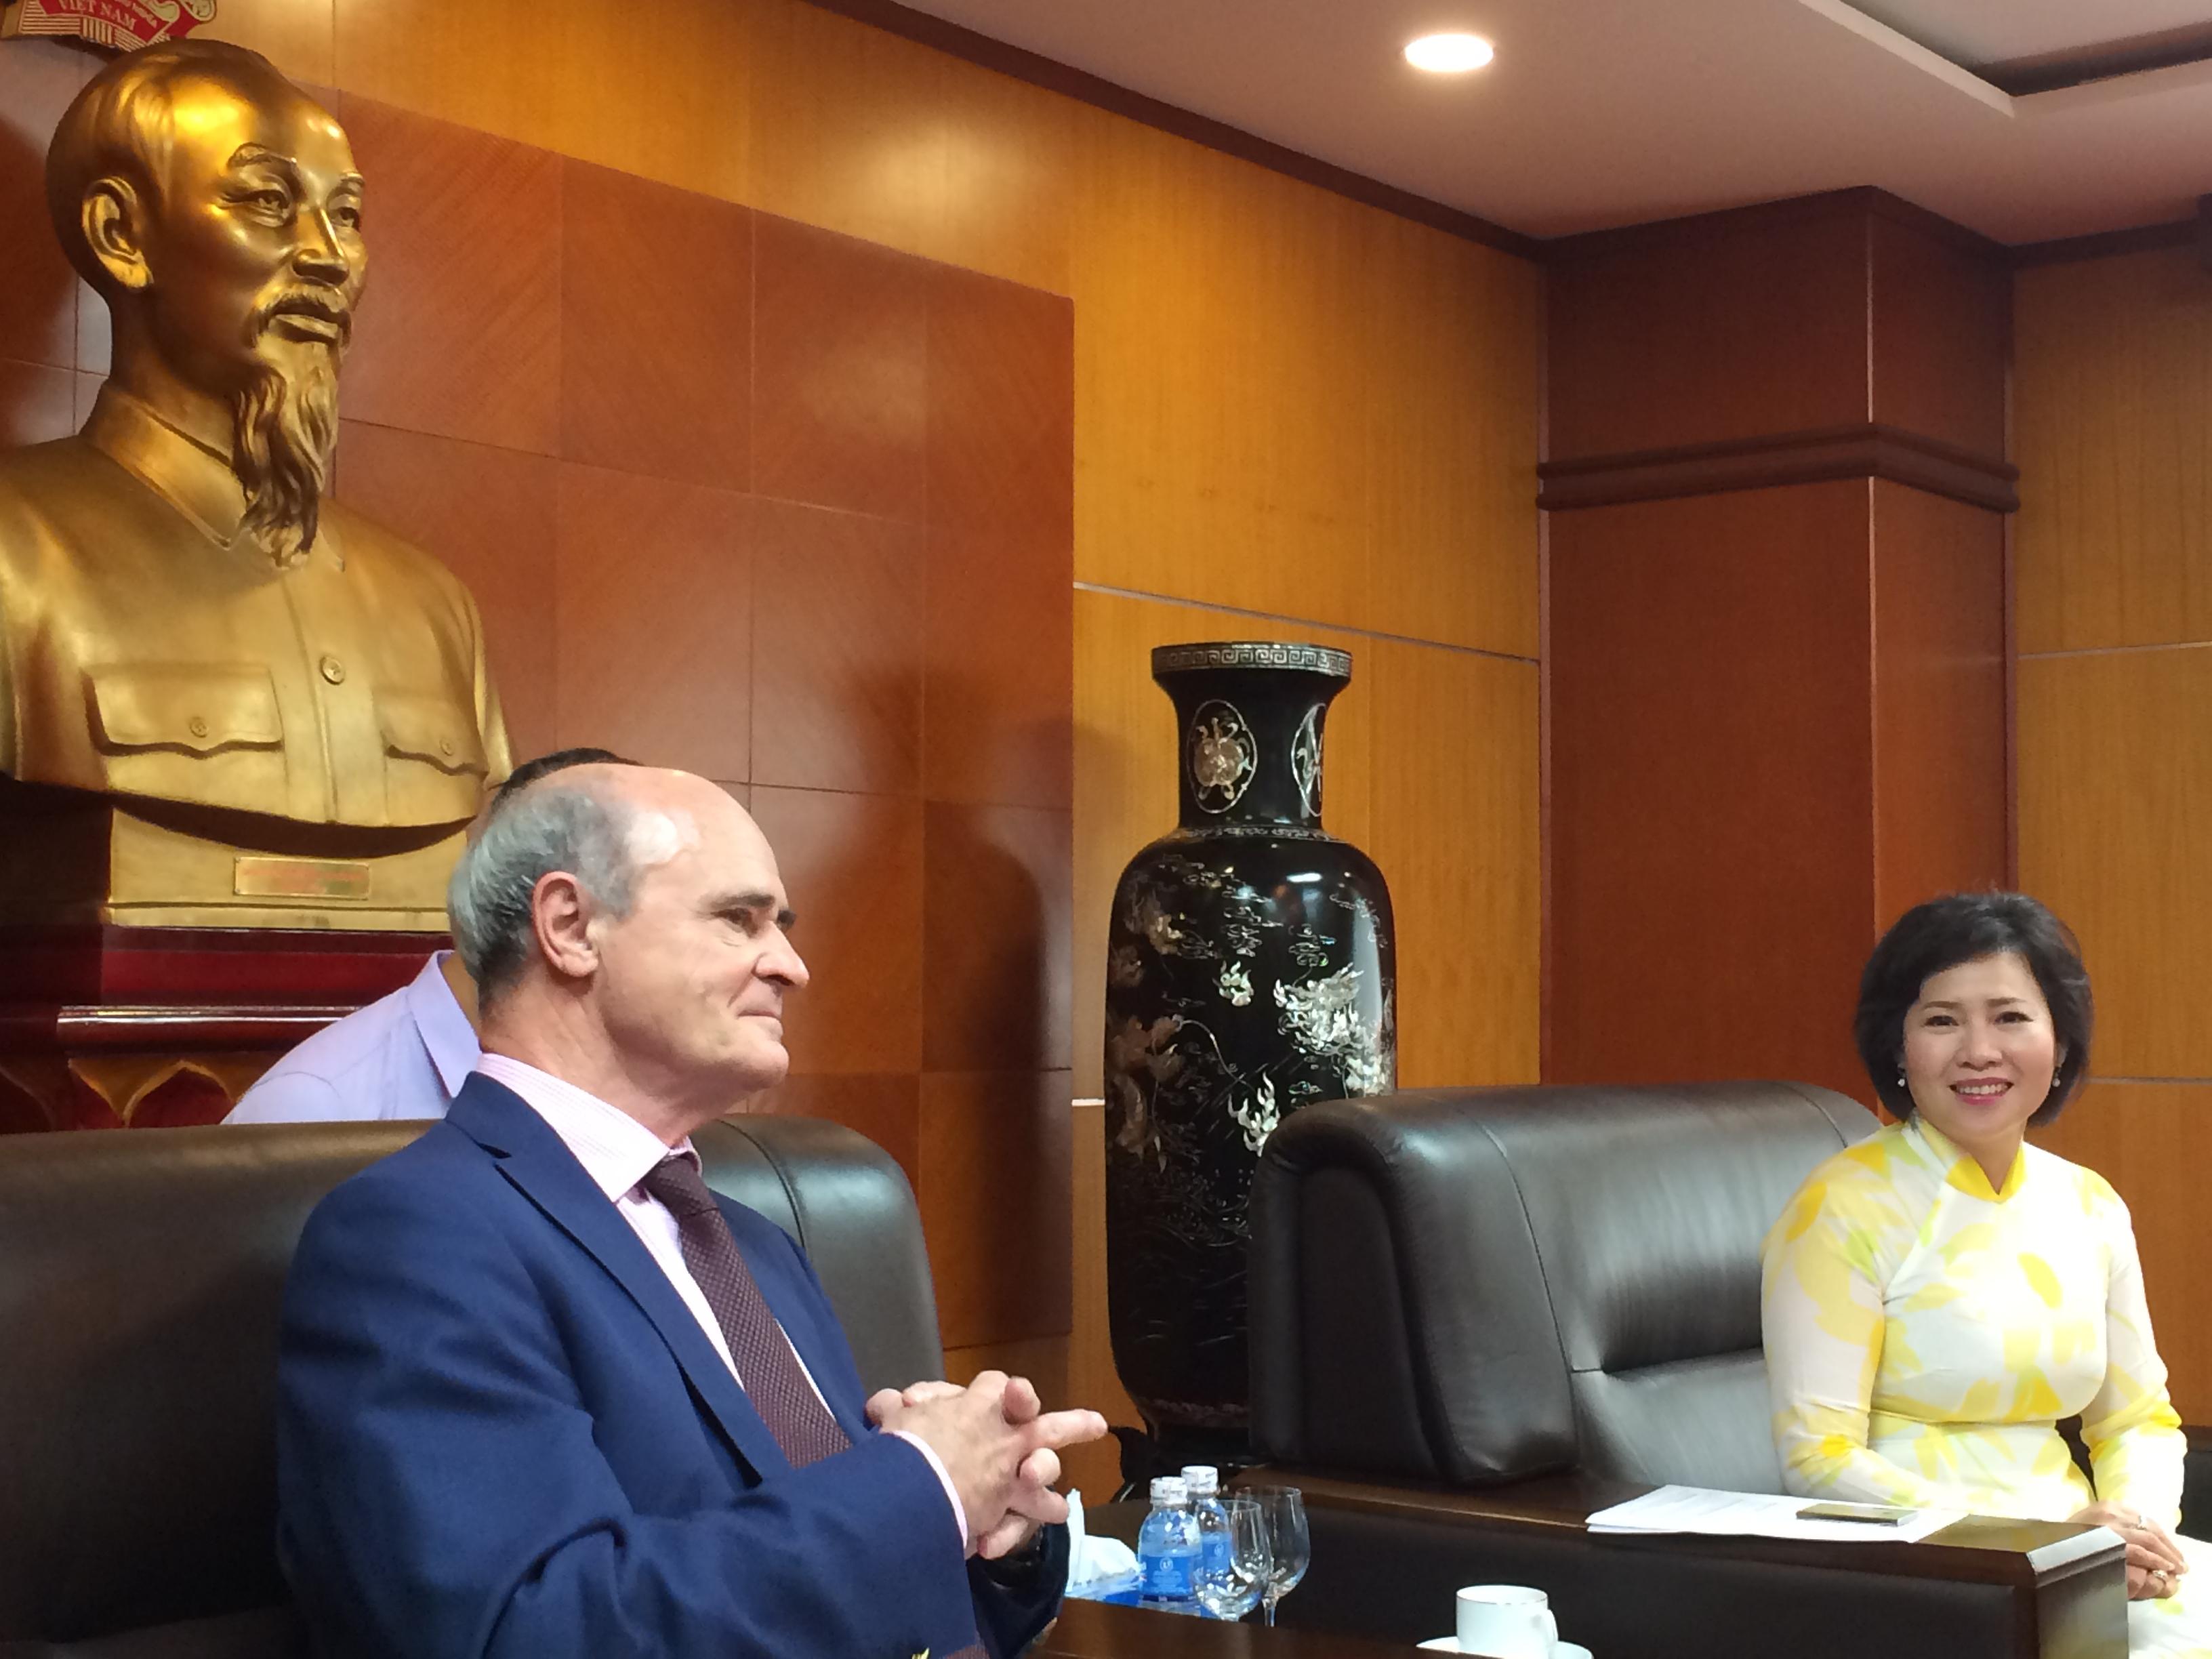 Mission de haute visibilit pour evalliance ho chi minh for Chambre de commerce francaise au vietnam